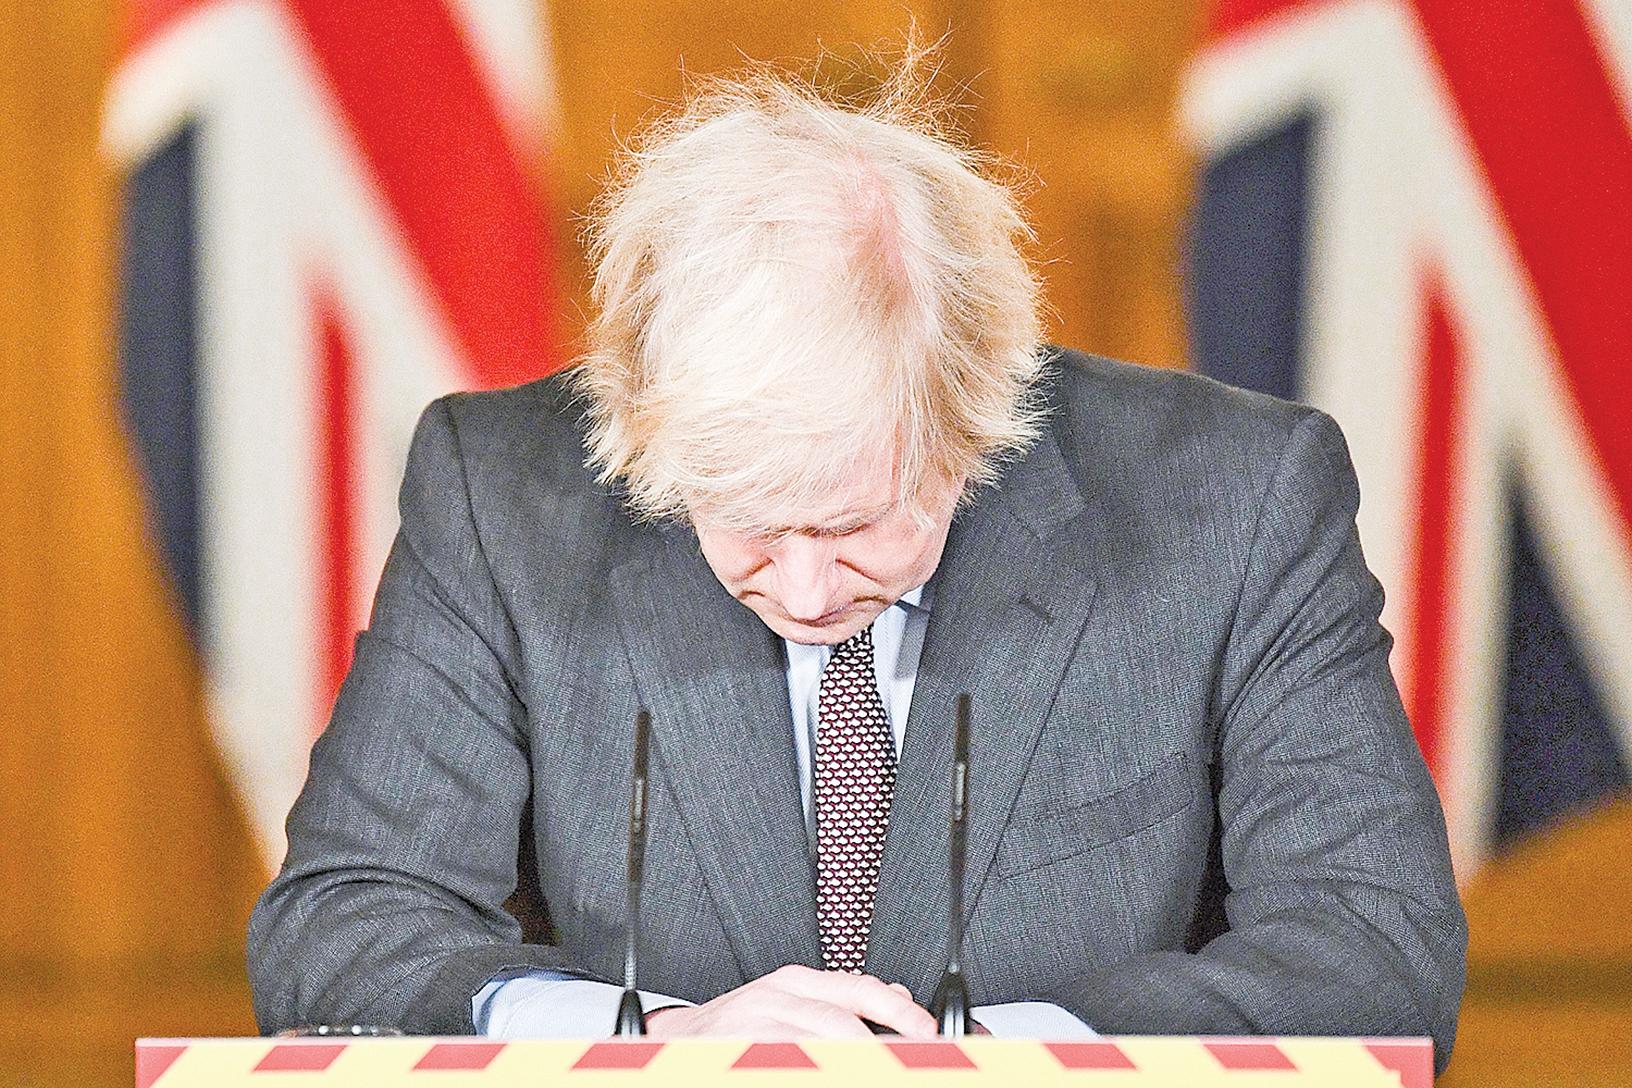 1月26日,英國首相約翰遜(Boris Johnson)參加疫情發佈會。英國因疫情死亡人數已超過10萬人。(Justin Tallis/POOL/AFP via Getty Images)